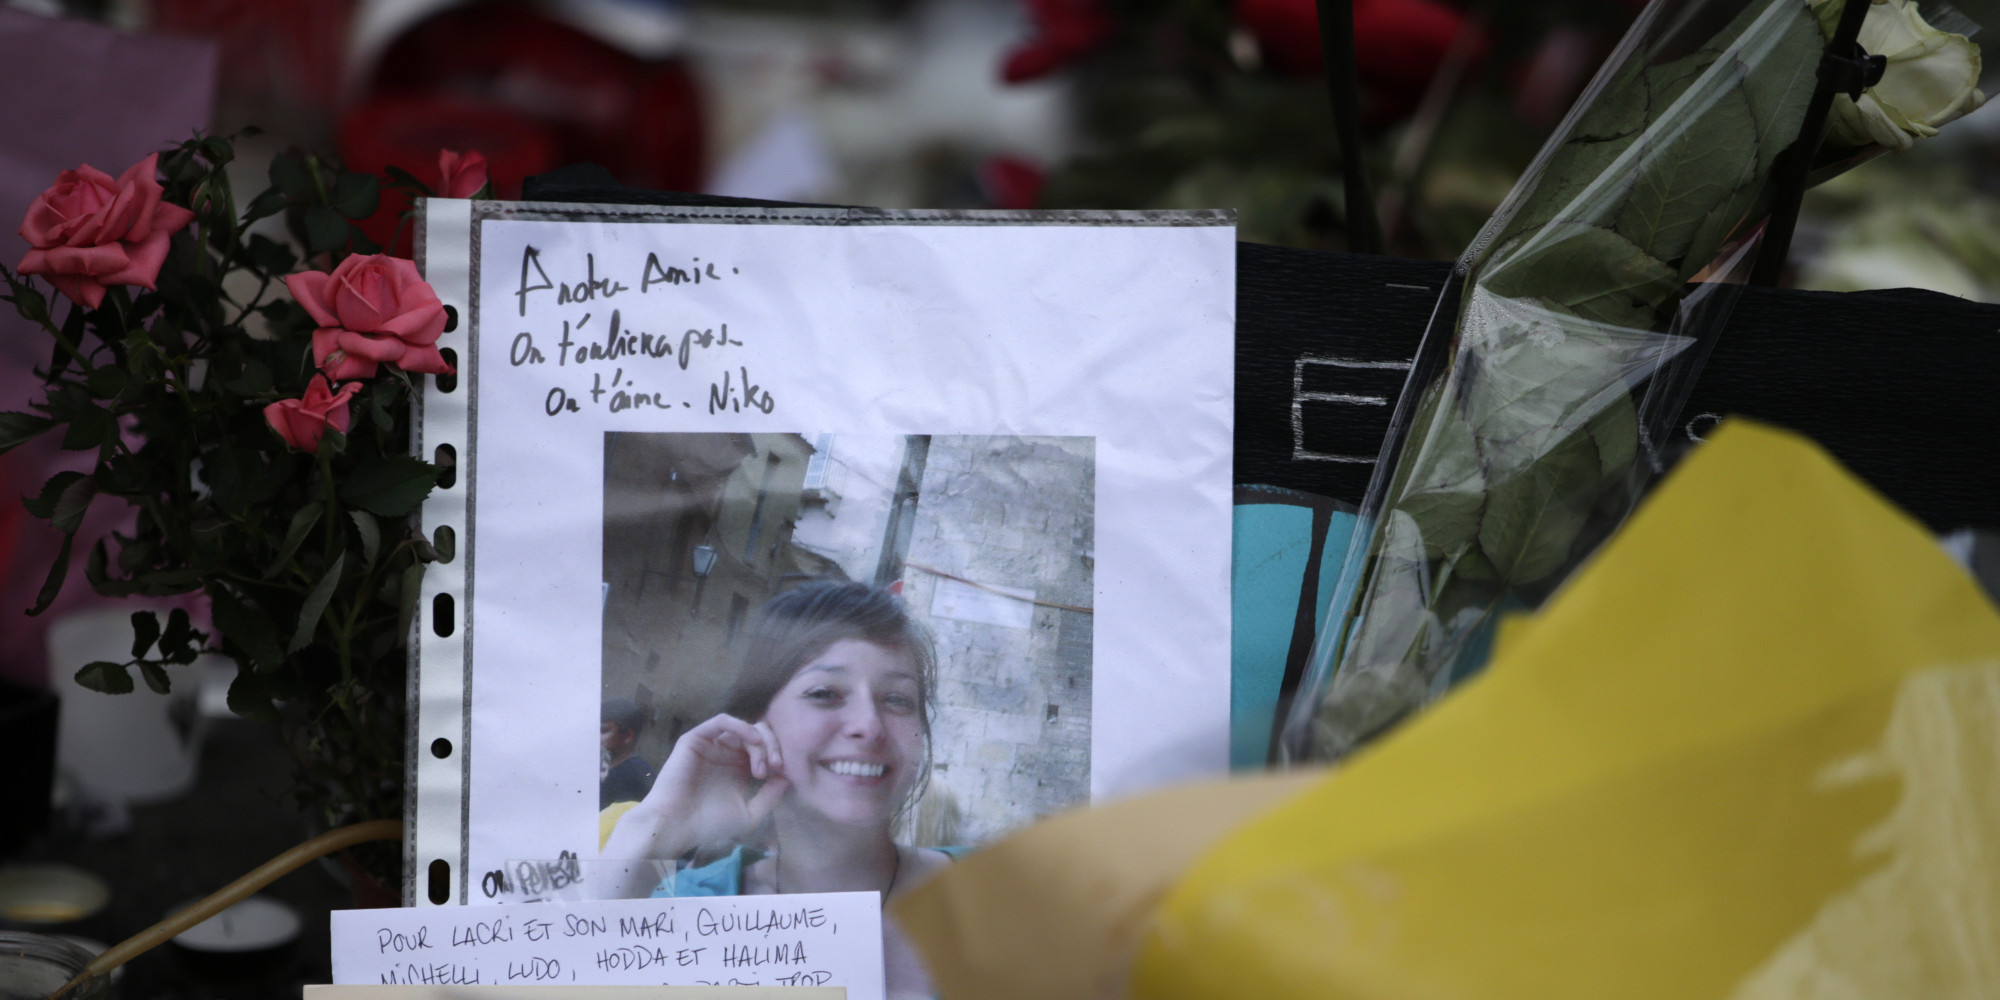 Attentat Facebook: Qui Sont Les Victimes Des Attentats Du 13 Novembre